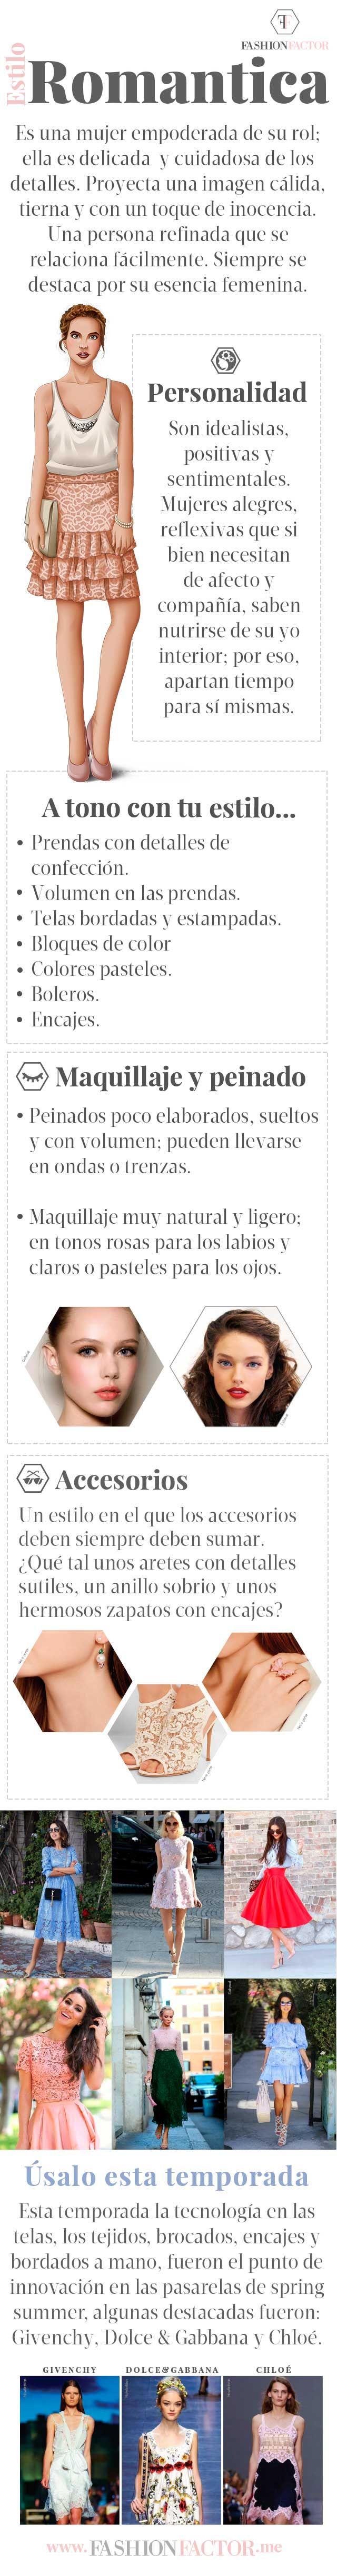 Estilo: Romántica - Fashion Factor